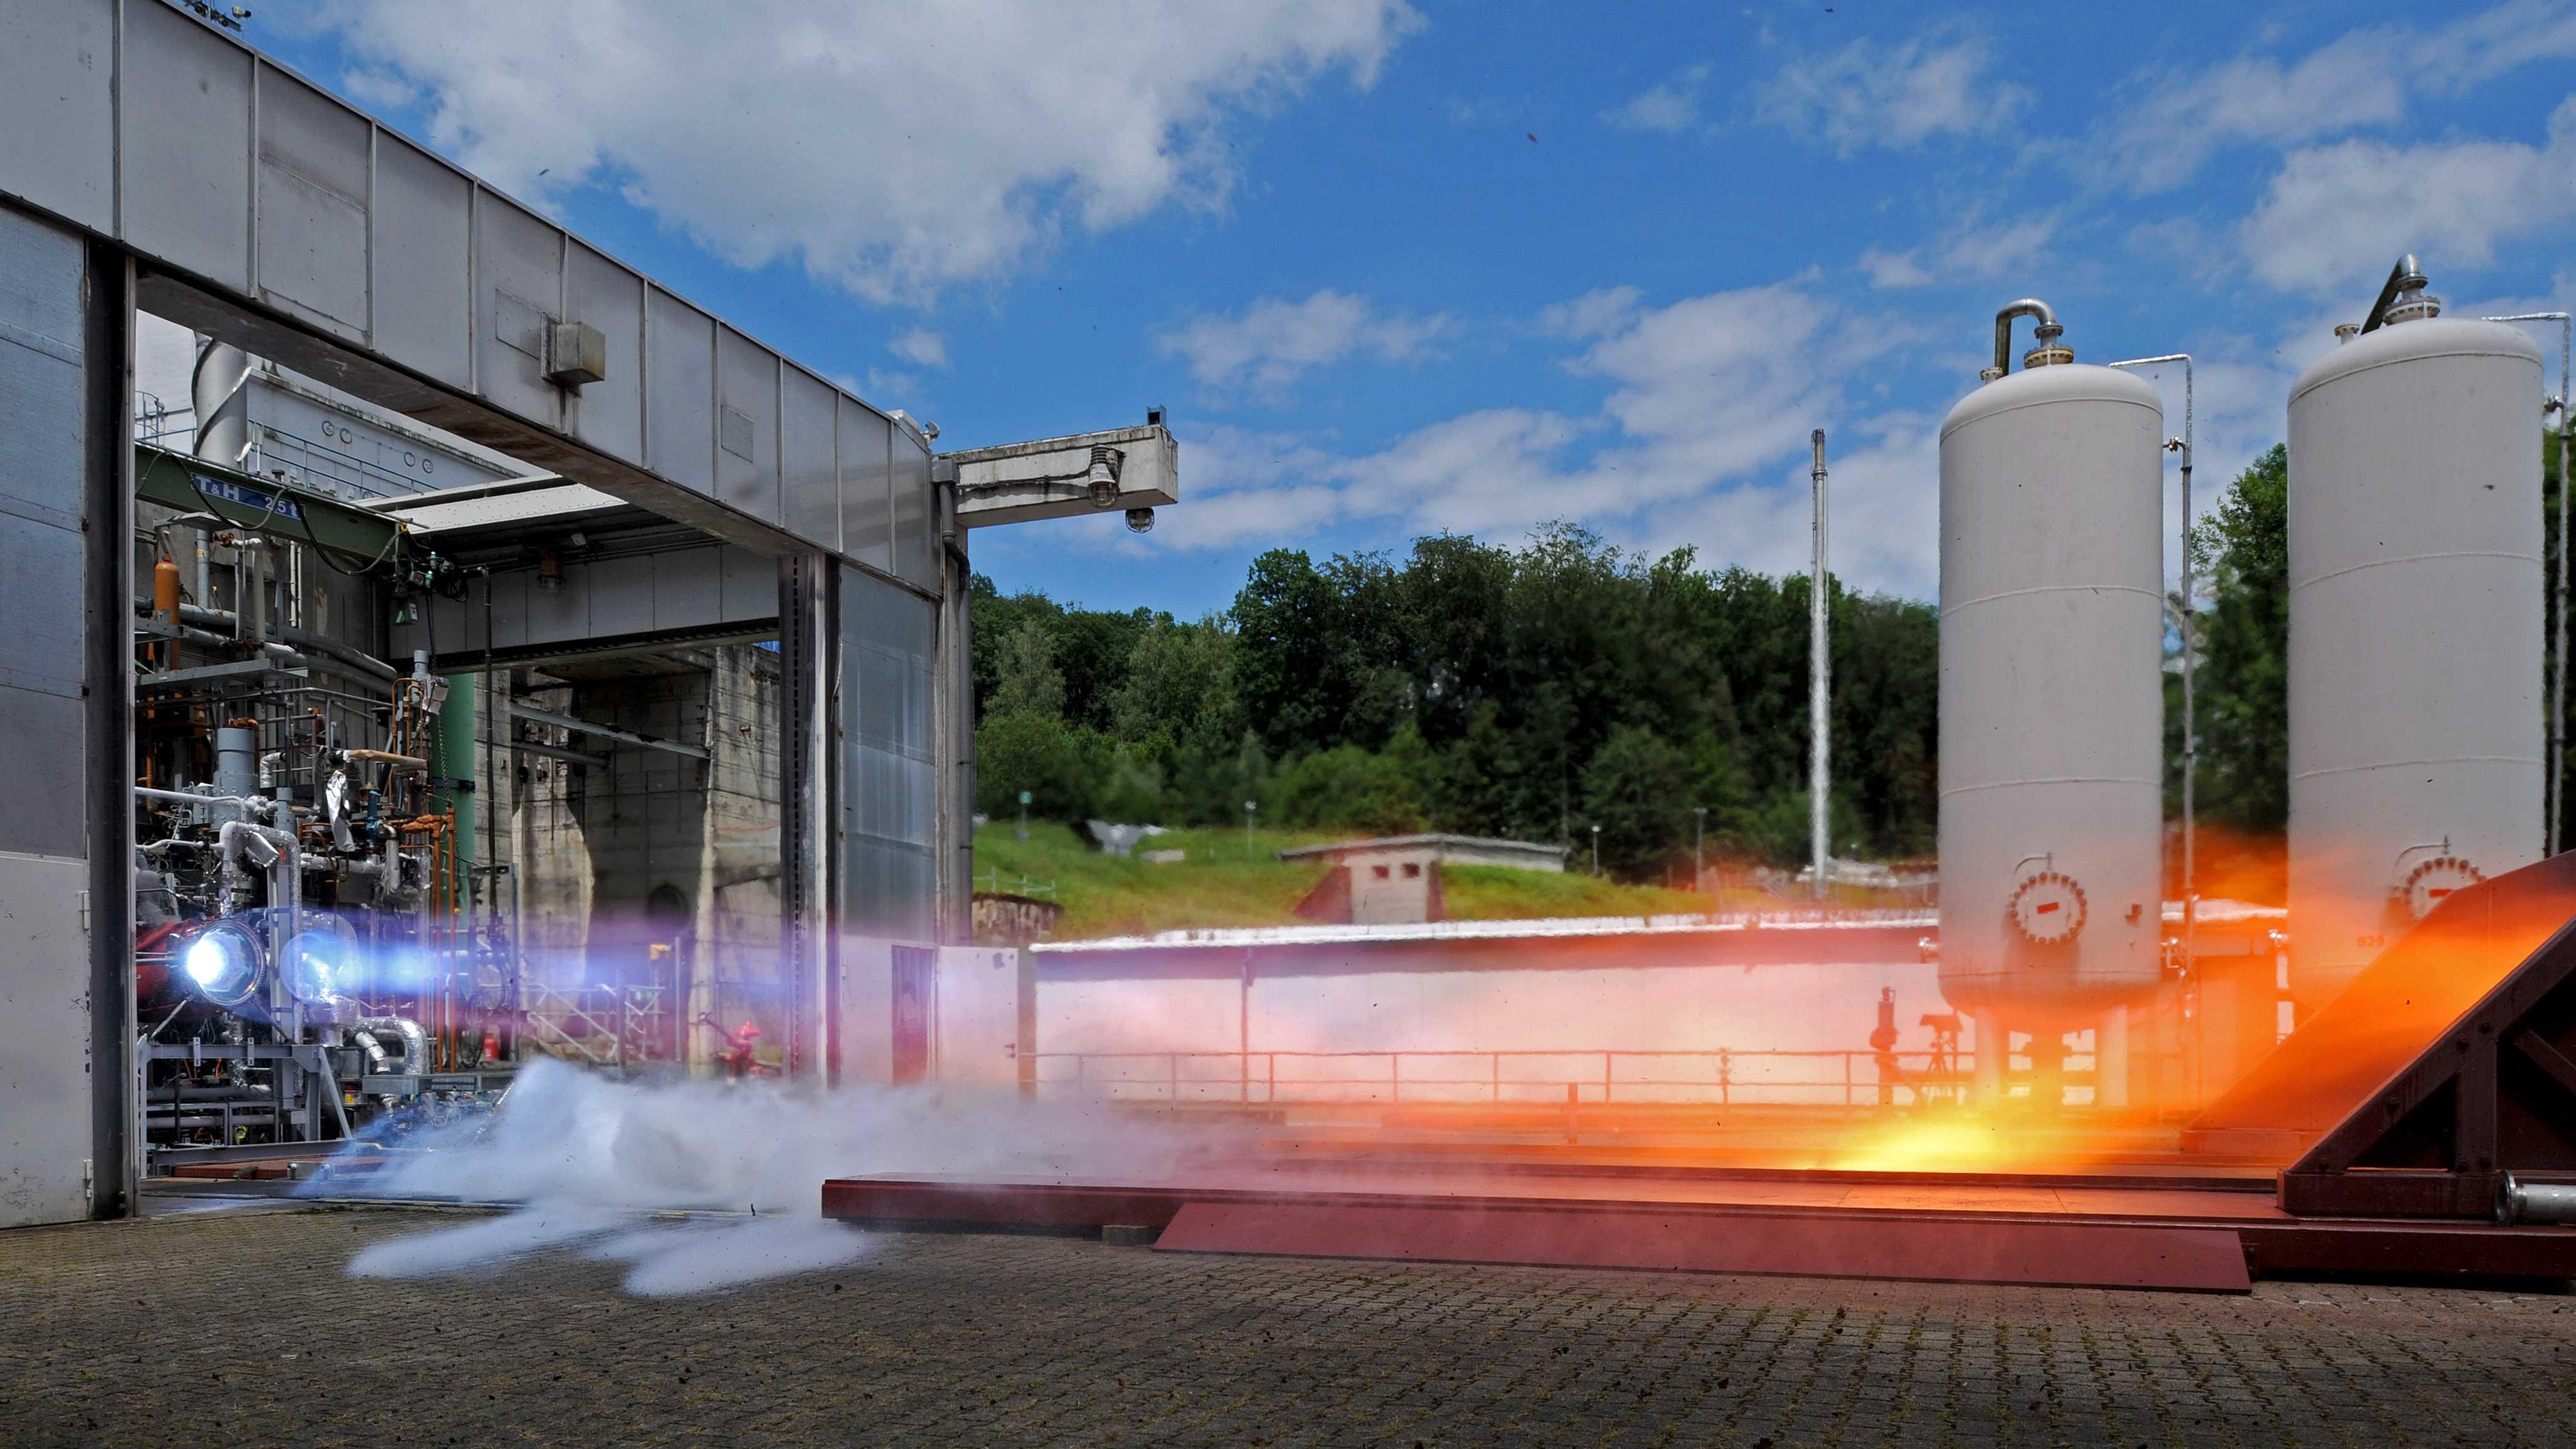 Einstieg in die LOX/Methan-Technologie